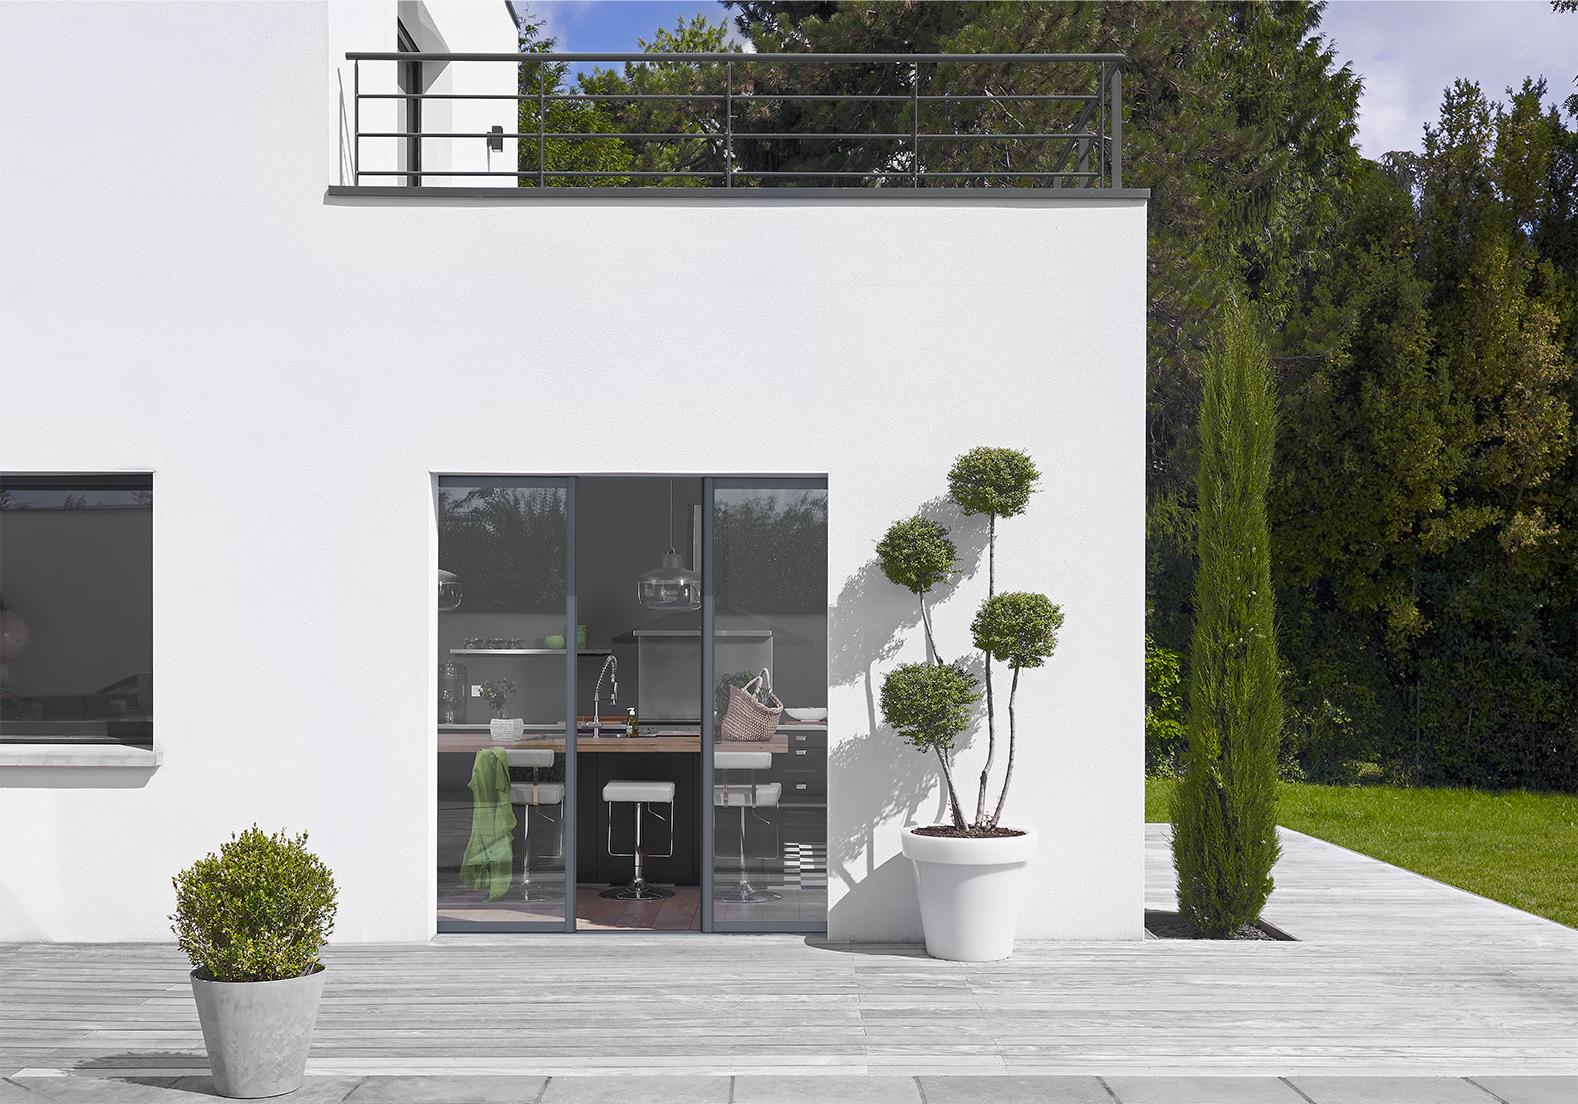 k line signe le retour de la baie galandage dans la maison individuelle rt 2012 eco maison bois. Black Bedroom Furniture Sets. Home Design Ideas